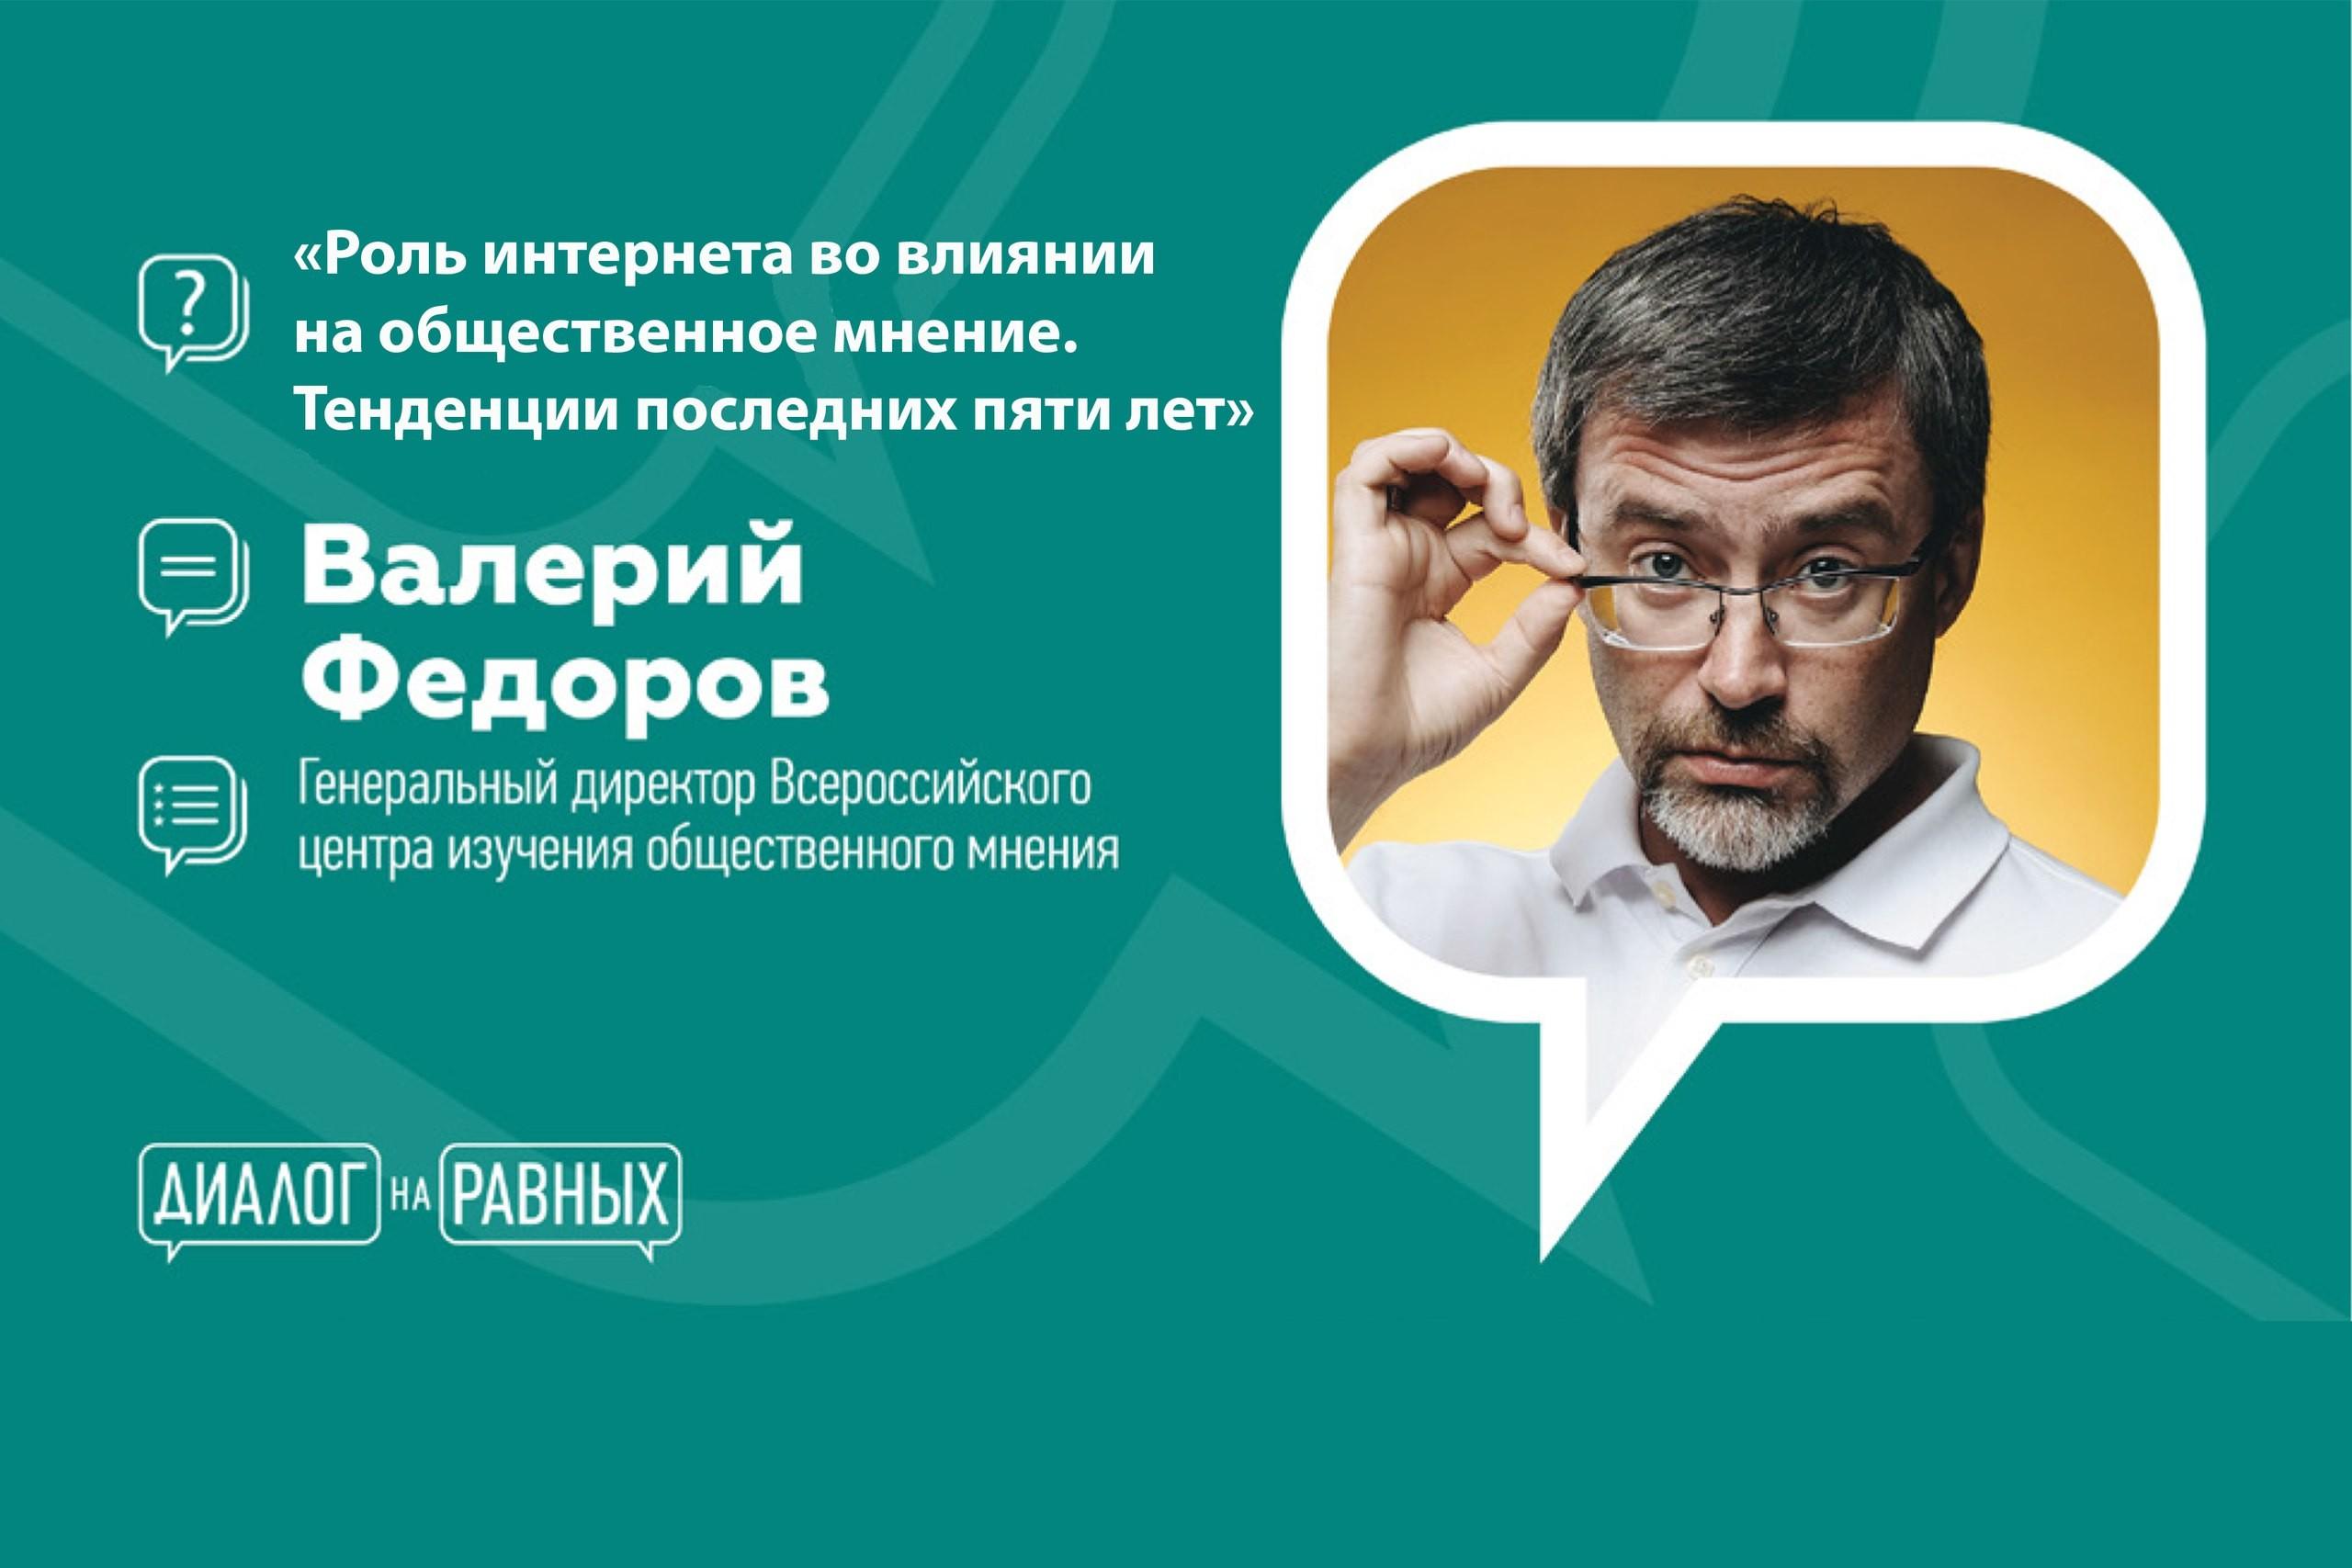 Встреча дискуссионного студенческого клуба «Диалог на равных» с Валерием Фёдоровым СОСТОИТСЯ!